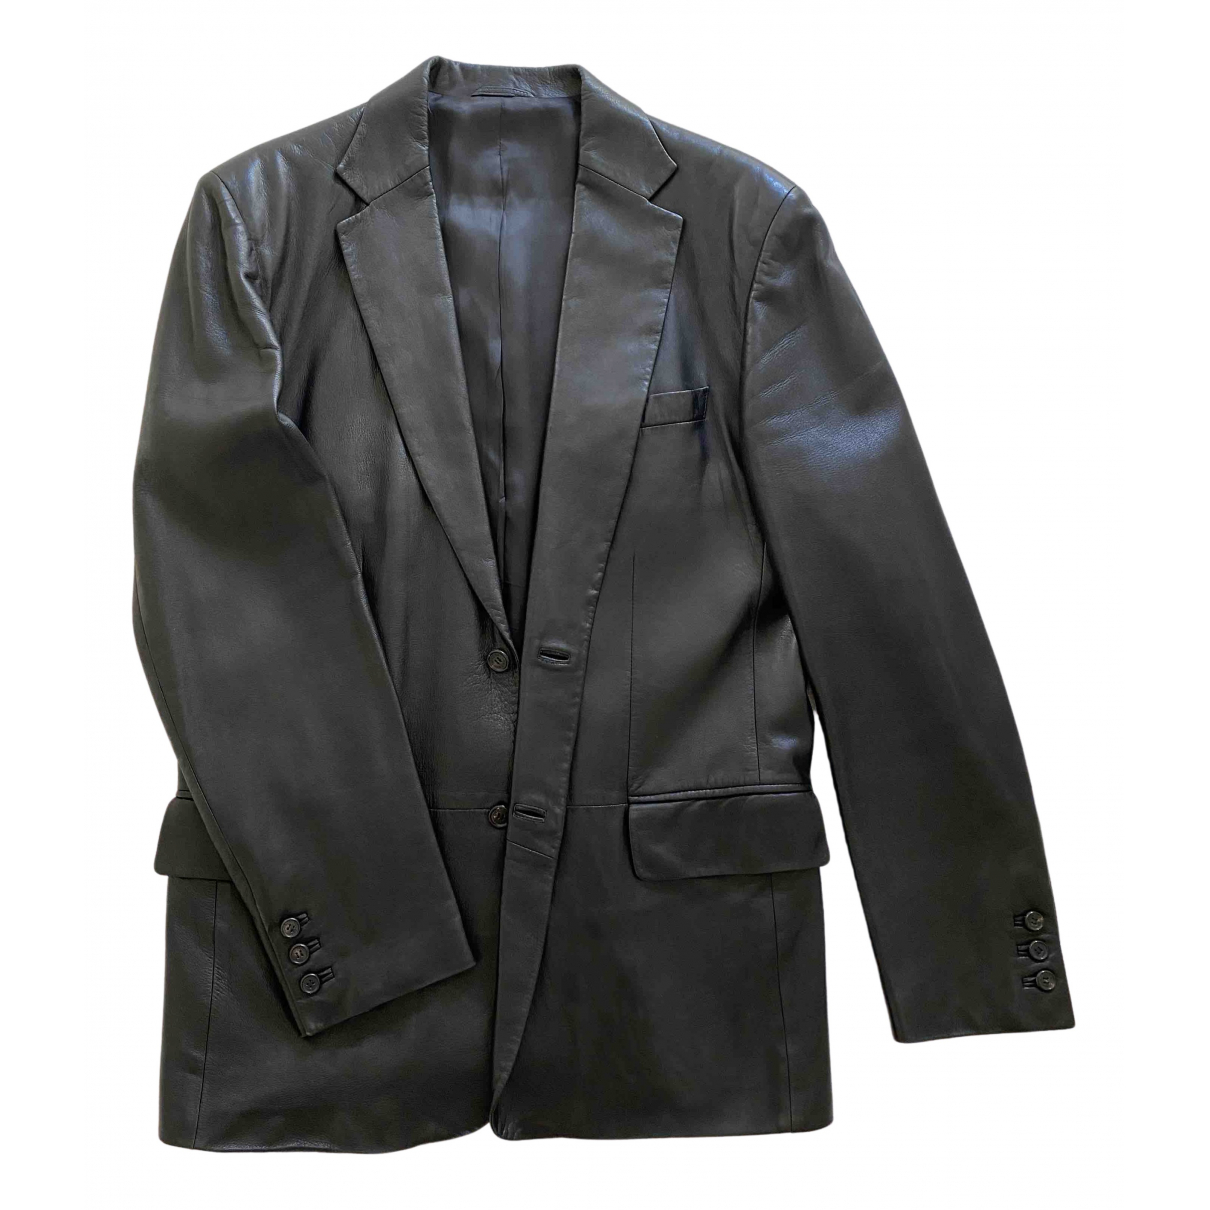 Gucci - Vestes.Blousons   pour homme en cuir - noir